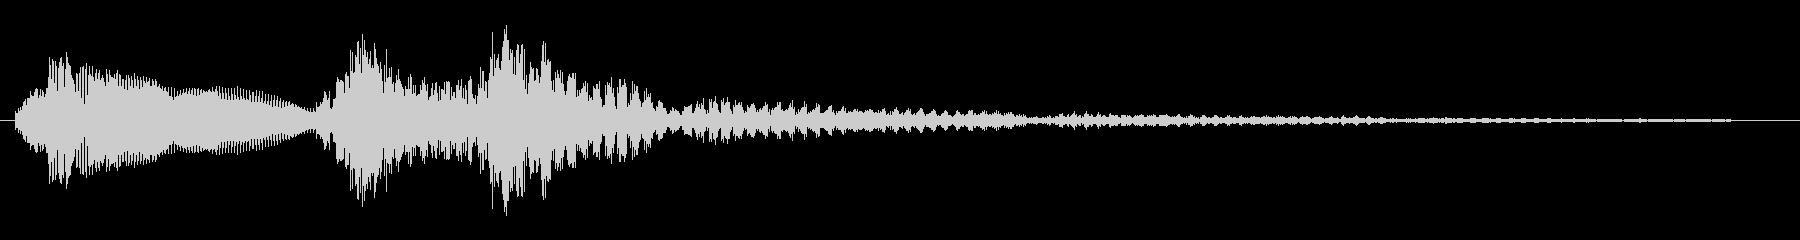 トゥントゥトゥーンというお知らせ音の未再生の波形